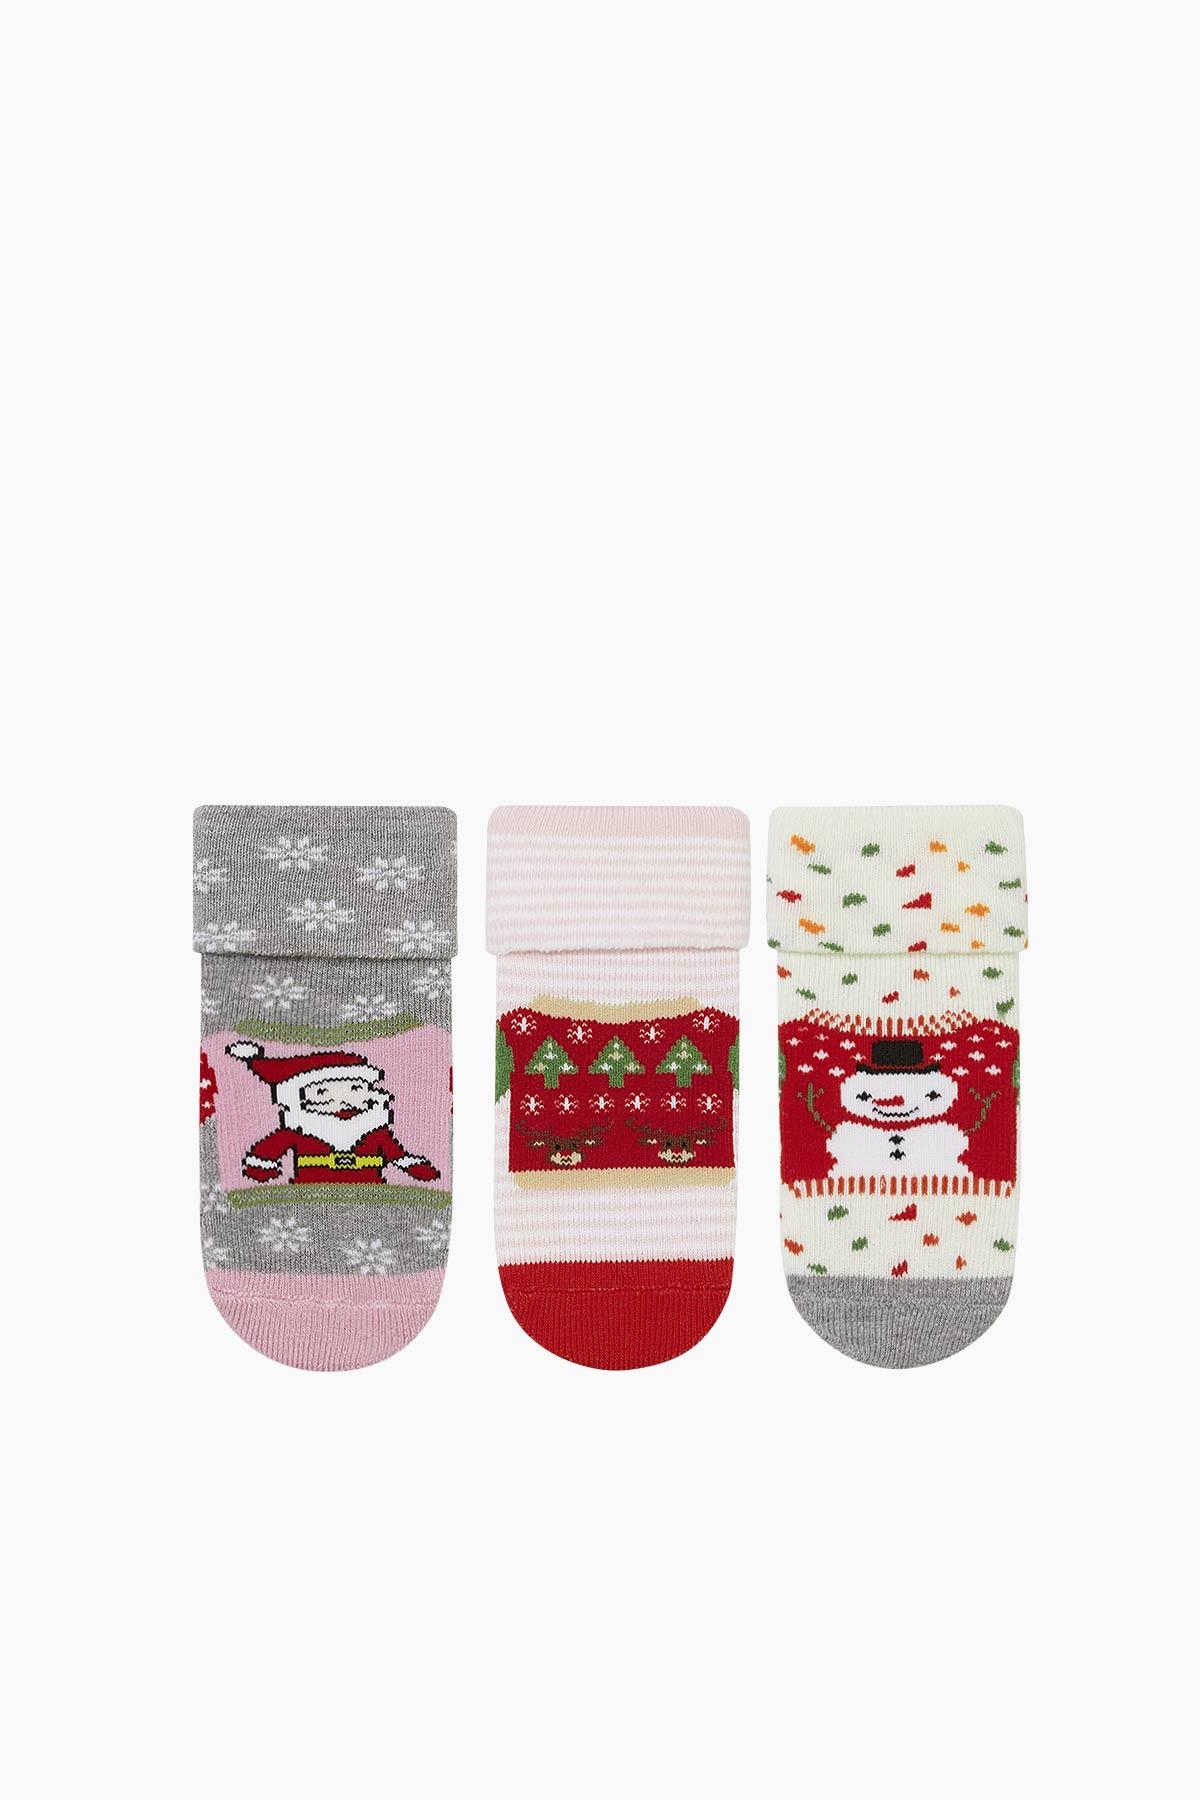 Bross - Bross 3-teilige Weihnachtsmuster Handtuch Baby Socken